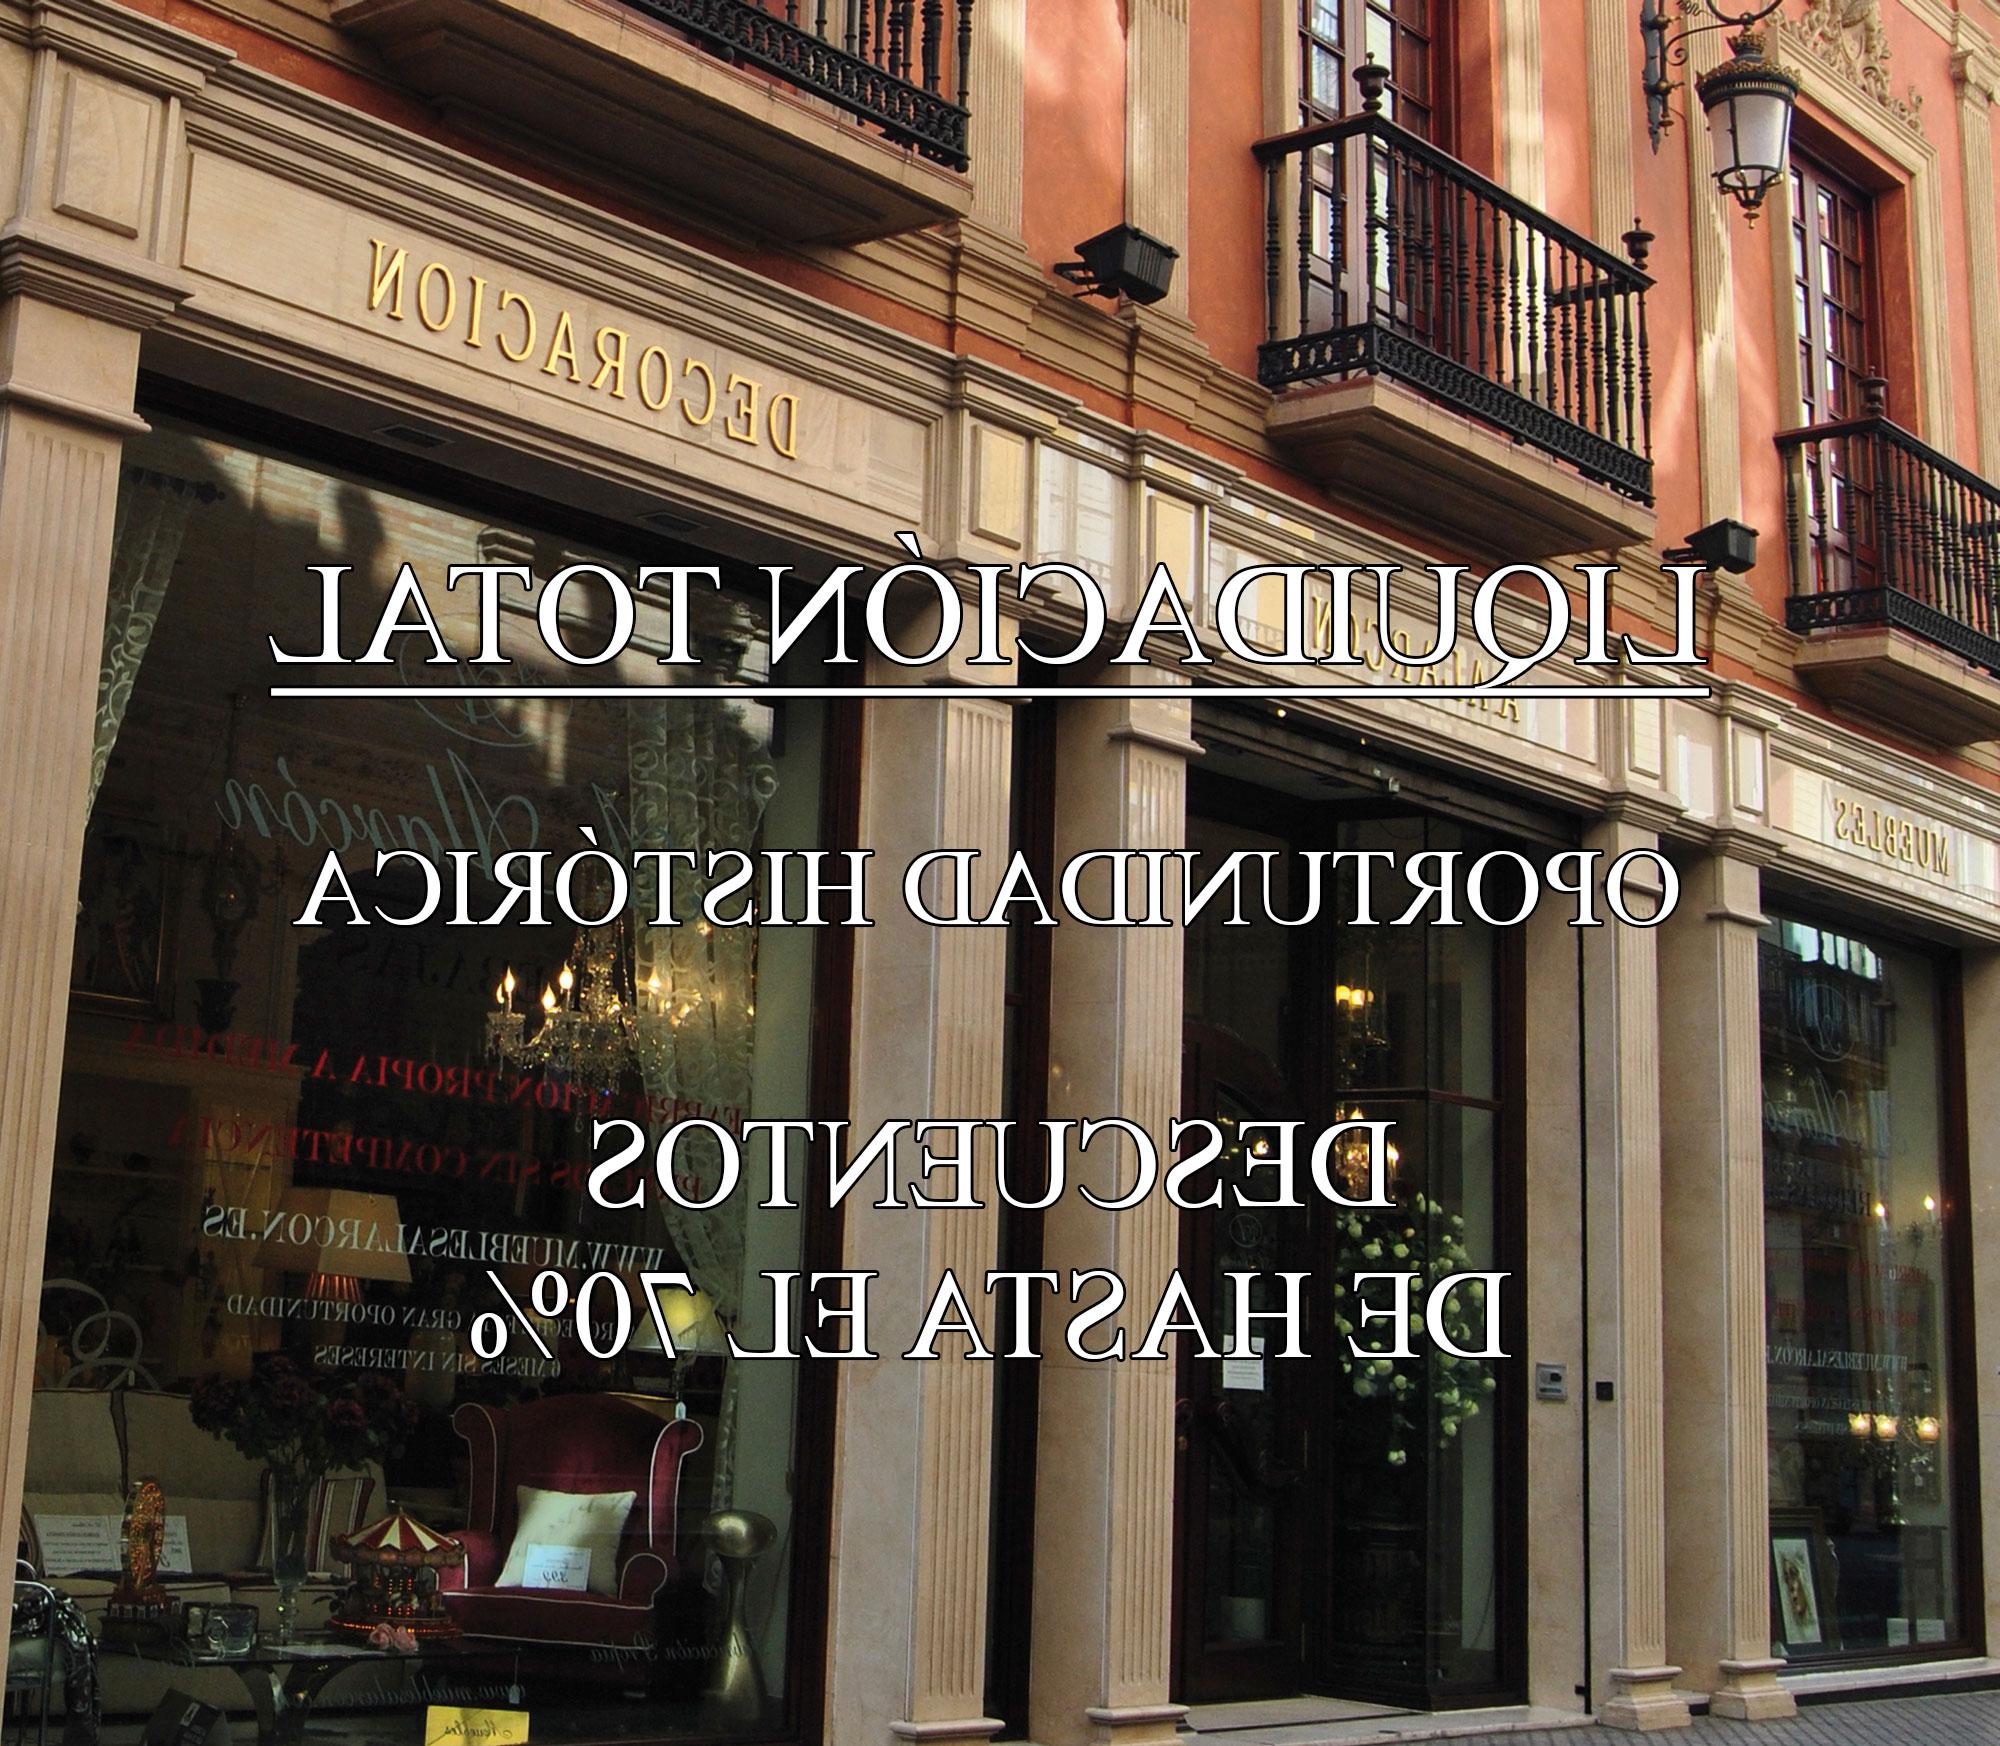 Muebles Alarcon J7do Muebles Alarcà N Tiendas De Muebles En Sevilla